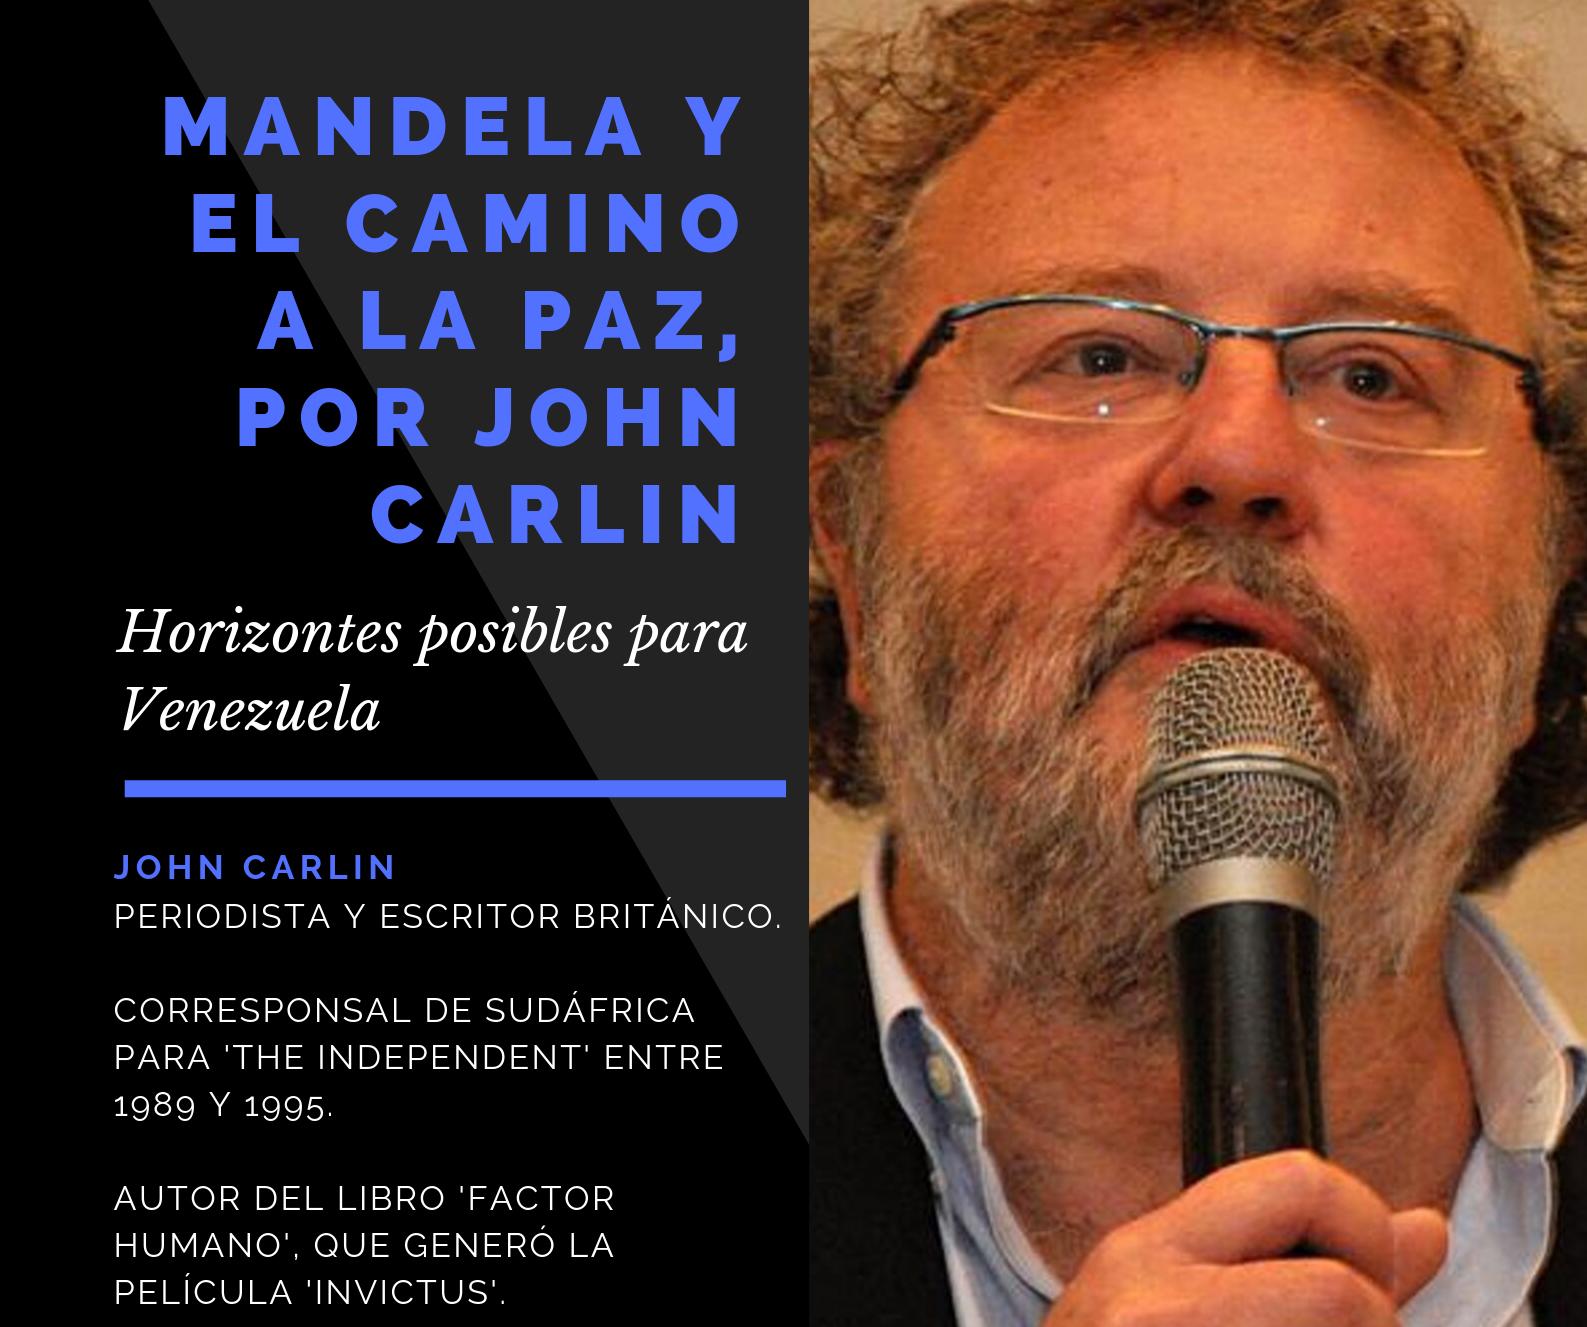 SIP condena deportación de Venezuela del periodista británico John Carlin